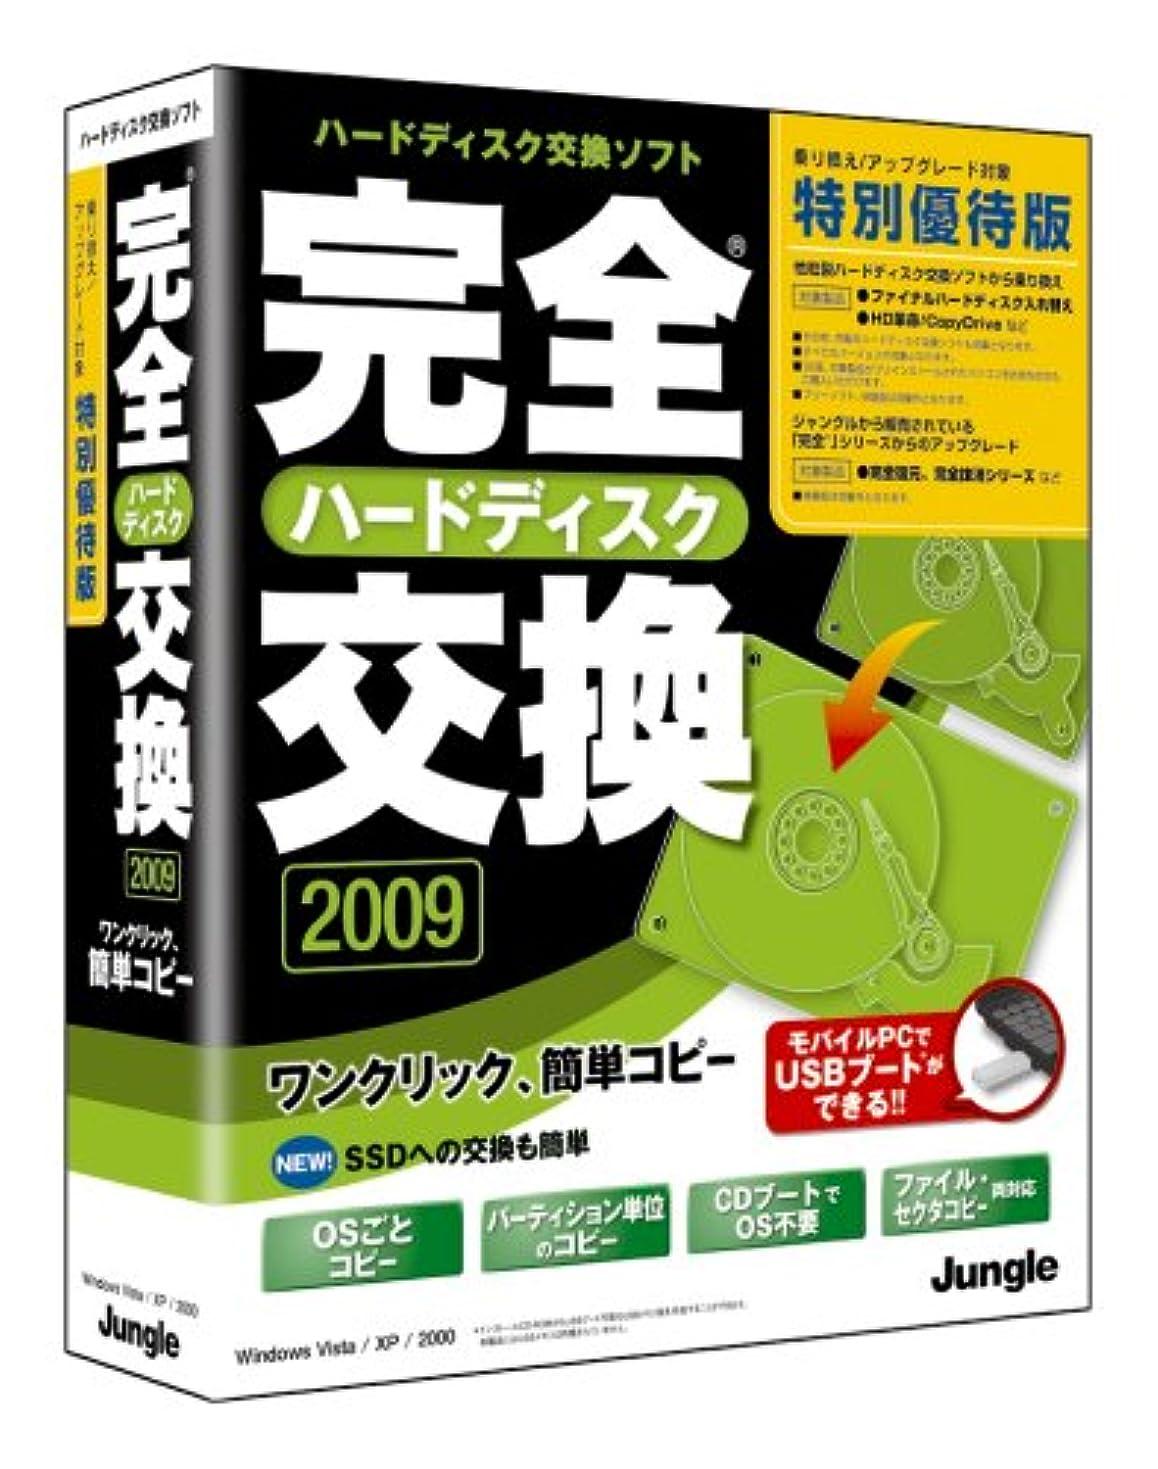 完全ハードディスク交換2009特別優待版